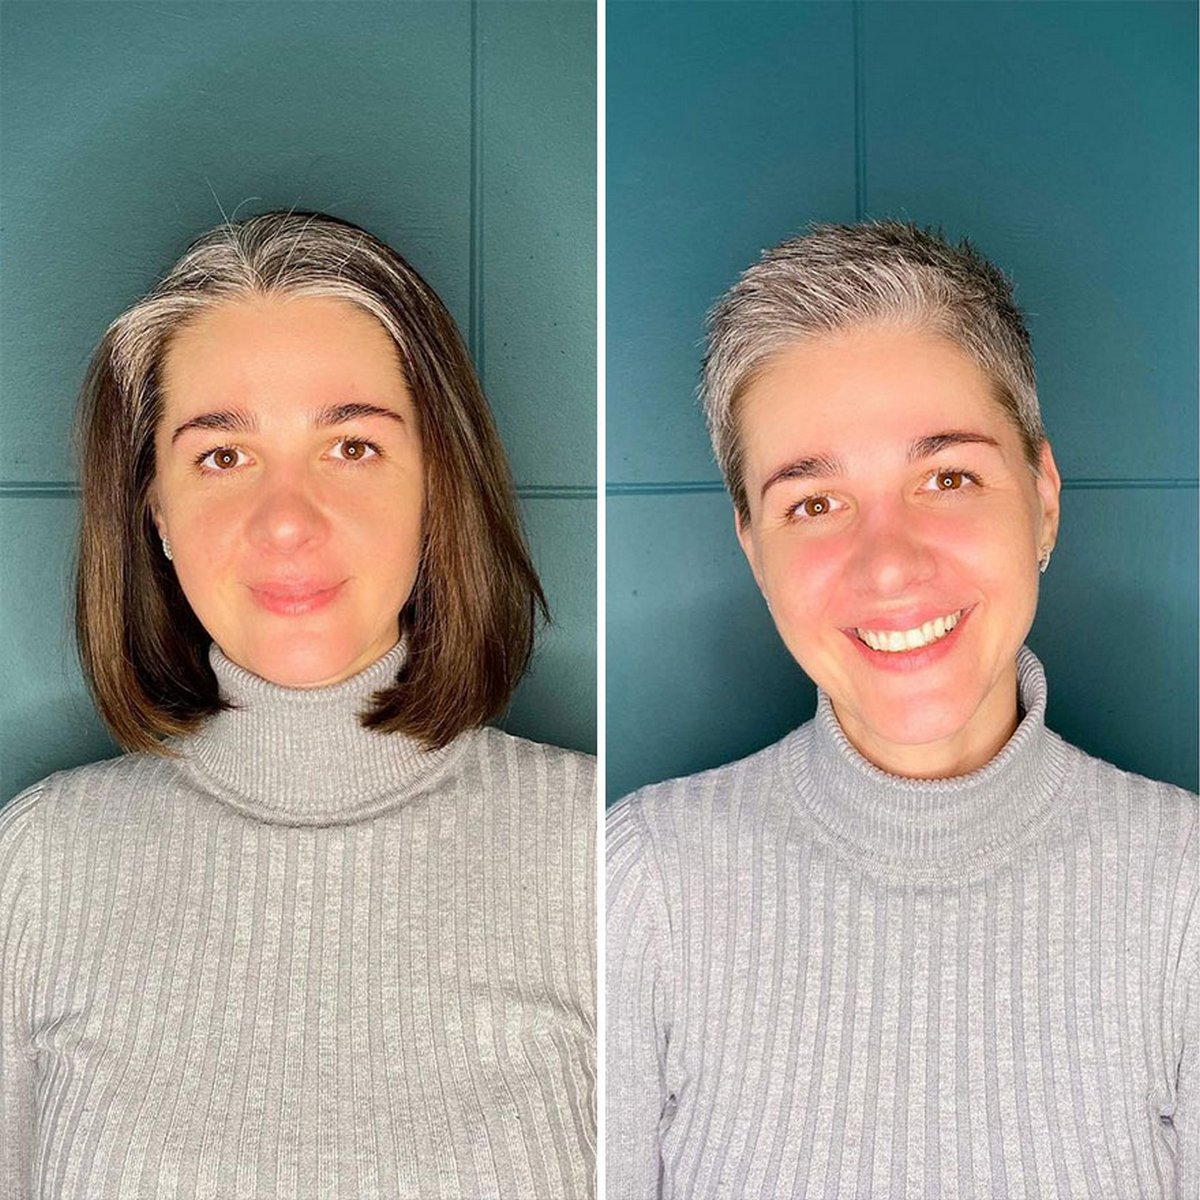 Ces femmes qui ont osé se faire couper les cheveux courts ont obtenu des résultats impressionnants grâce à cette coiffeuse